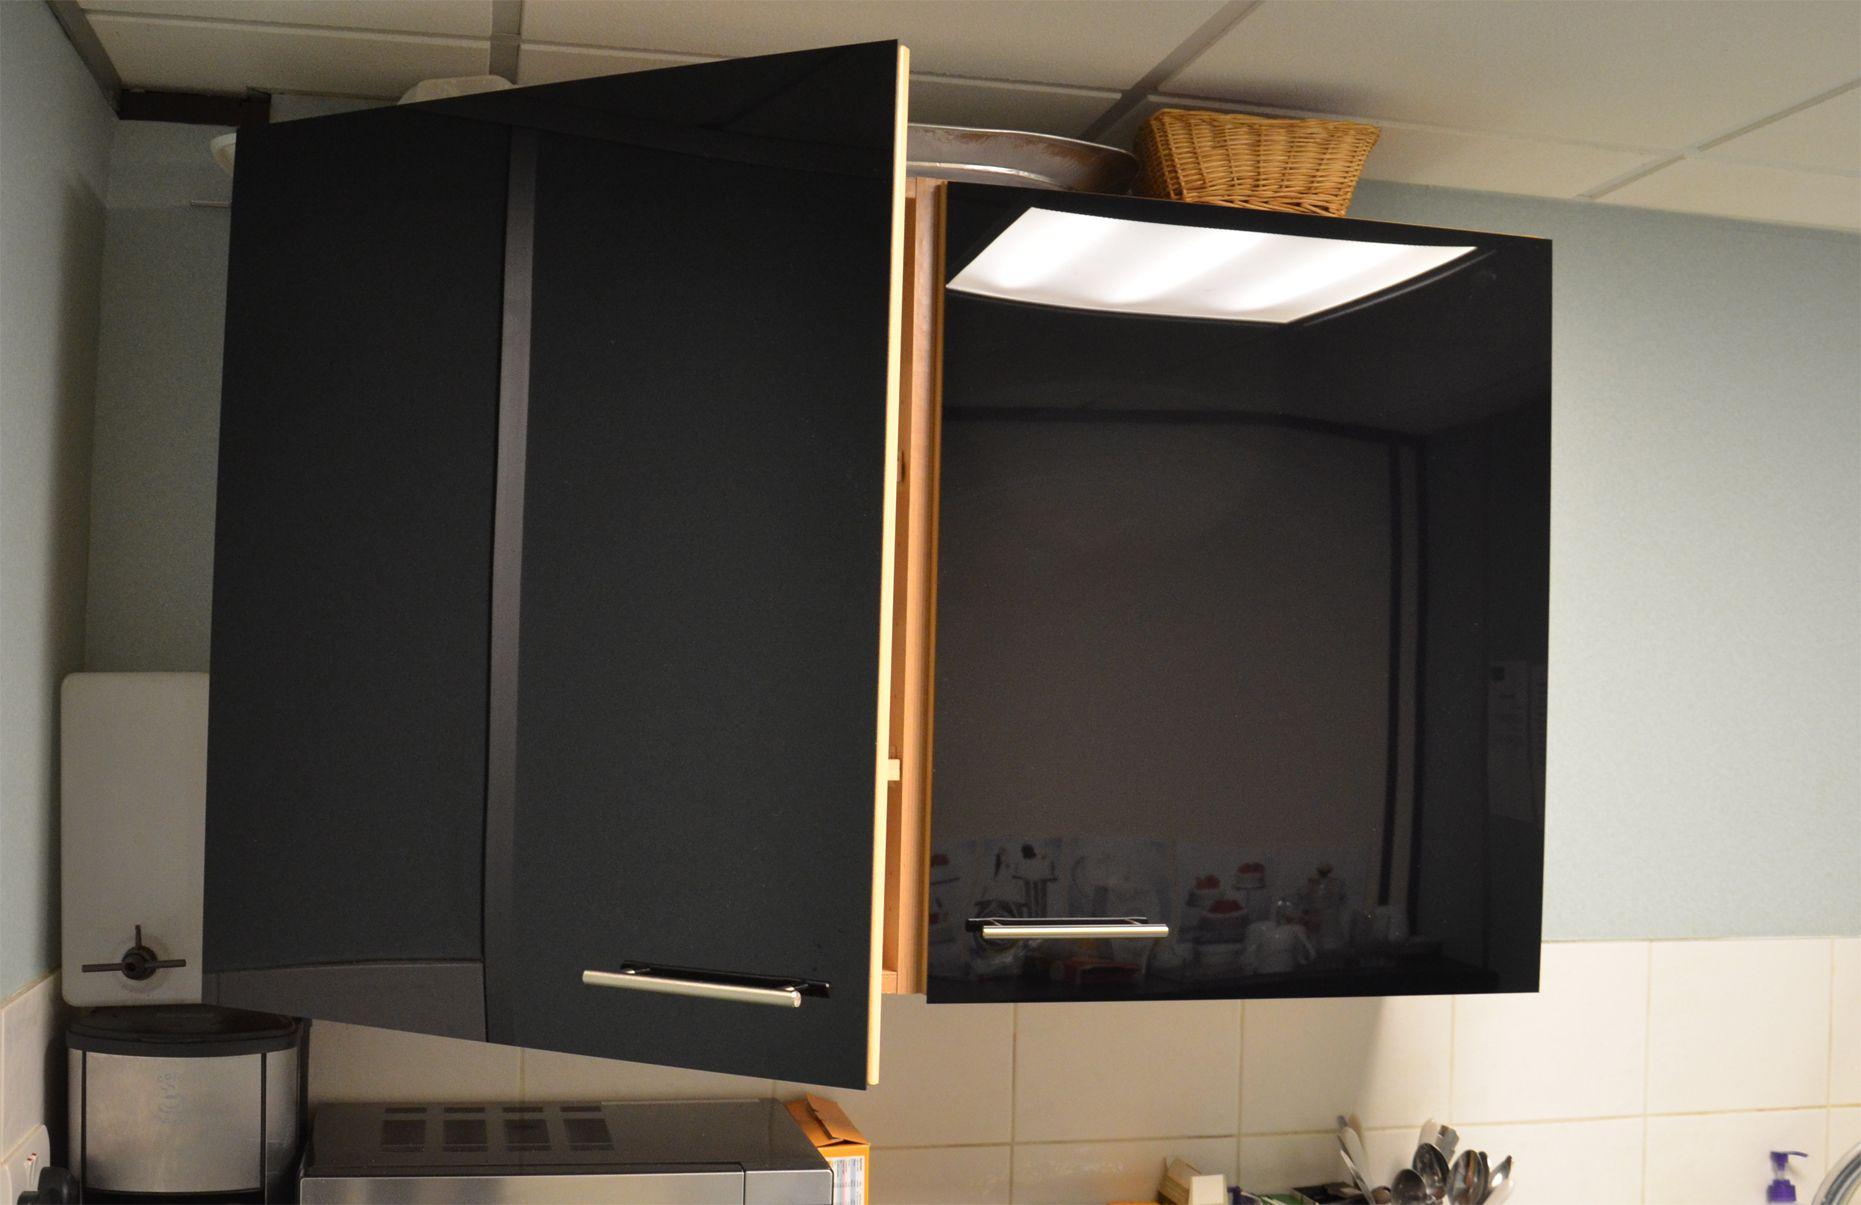 Acrylic kitchen doors using brand new door skin on cabinets acrylic kitchen doors using brand new door skin on cabinetscupboards eventelaan Images